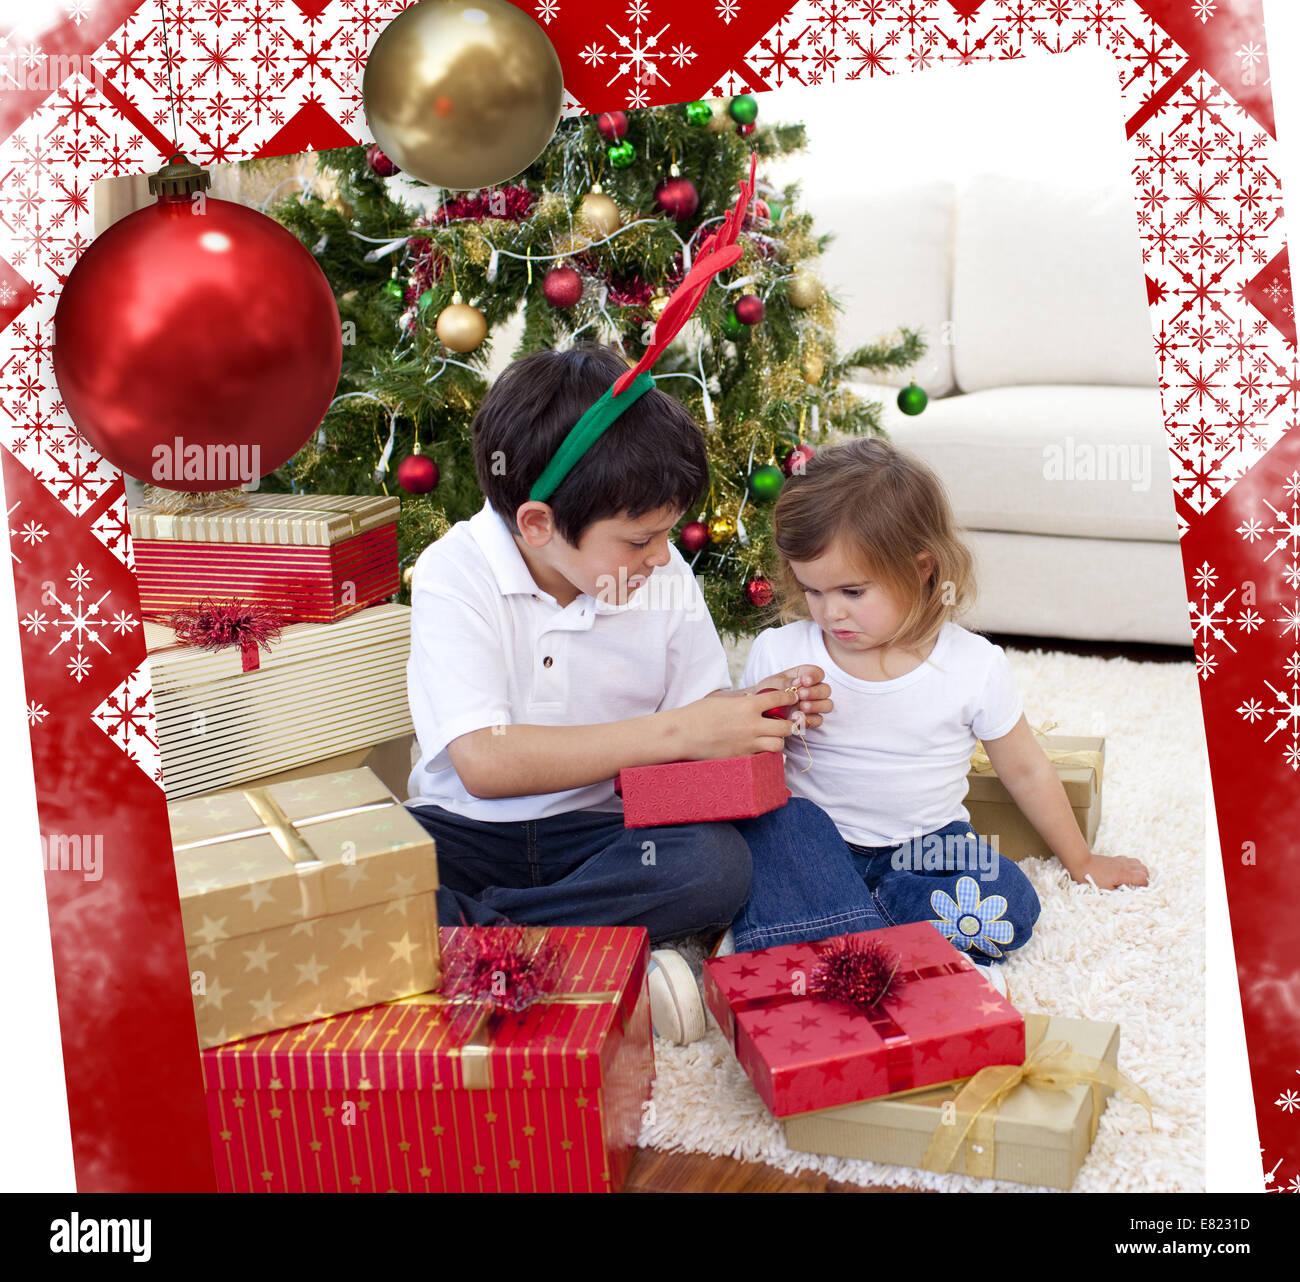 Glücklich Bruder und Schwester Blick auf Weihnachtsgeschenke ...